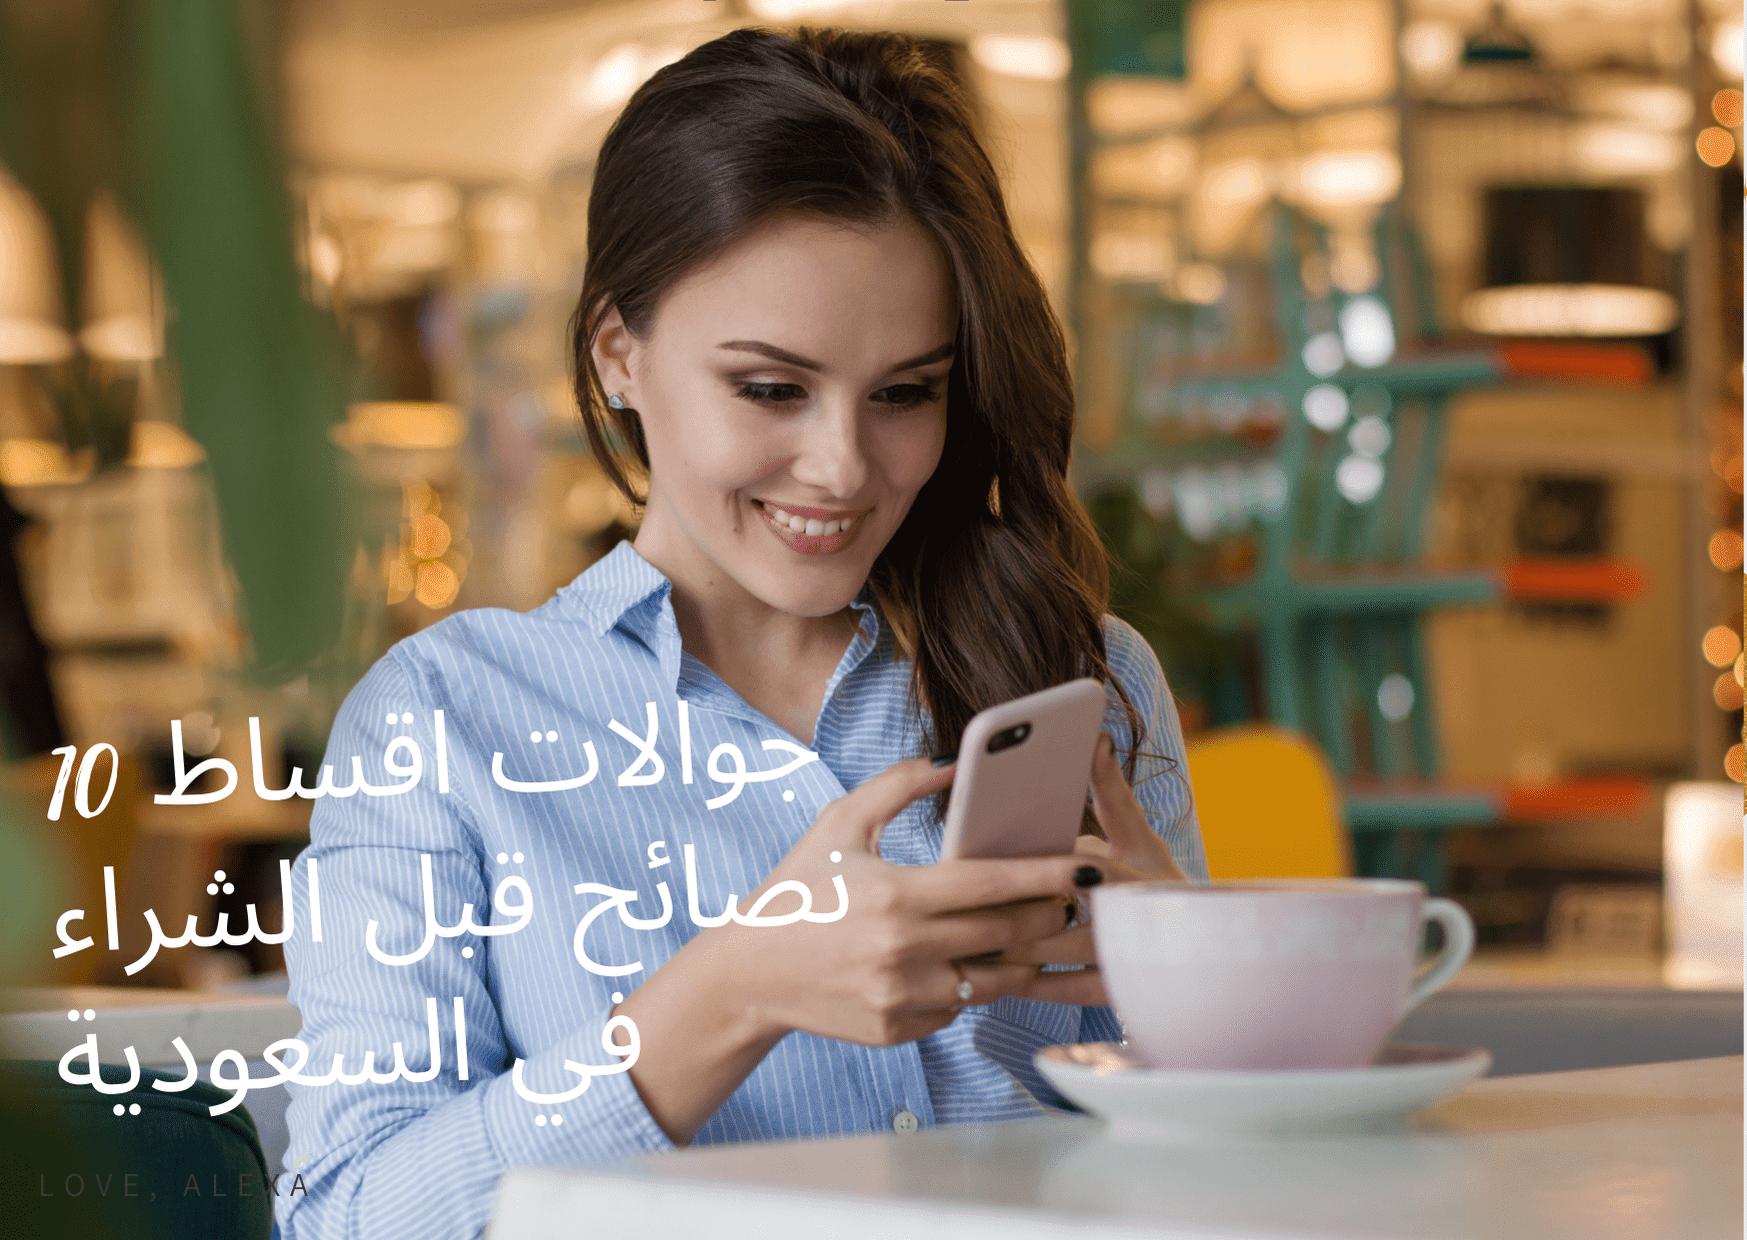 جوالات اقساط 10 نصائح قبل الشراء في السعودية